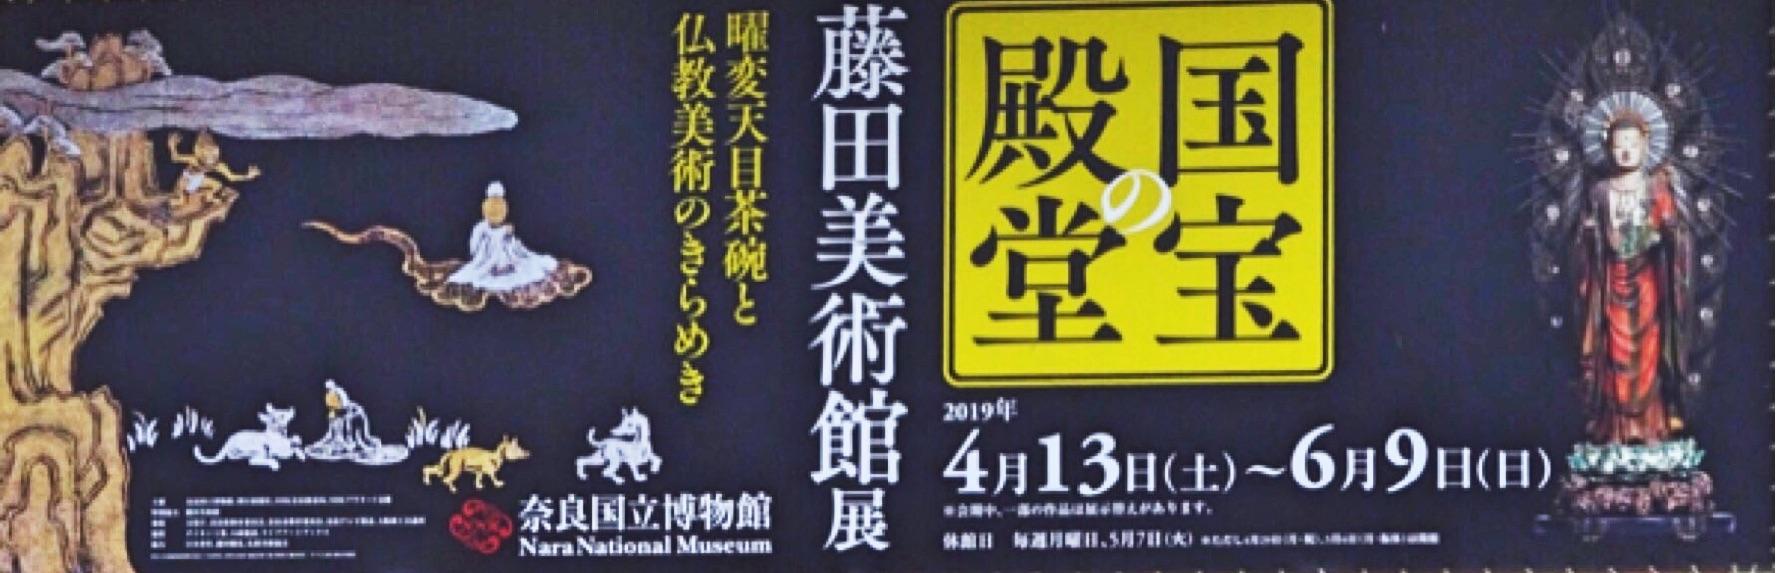 藤田美術館展2